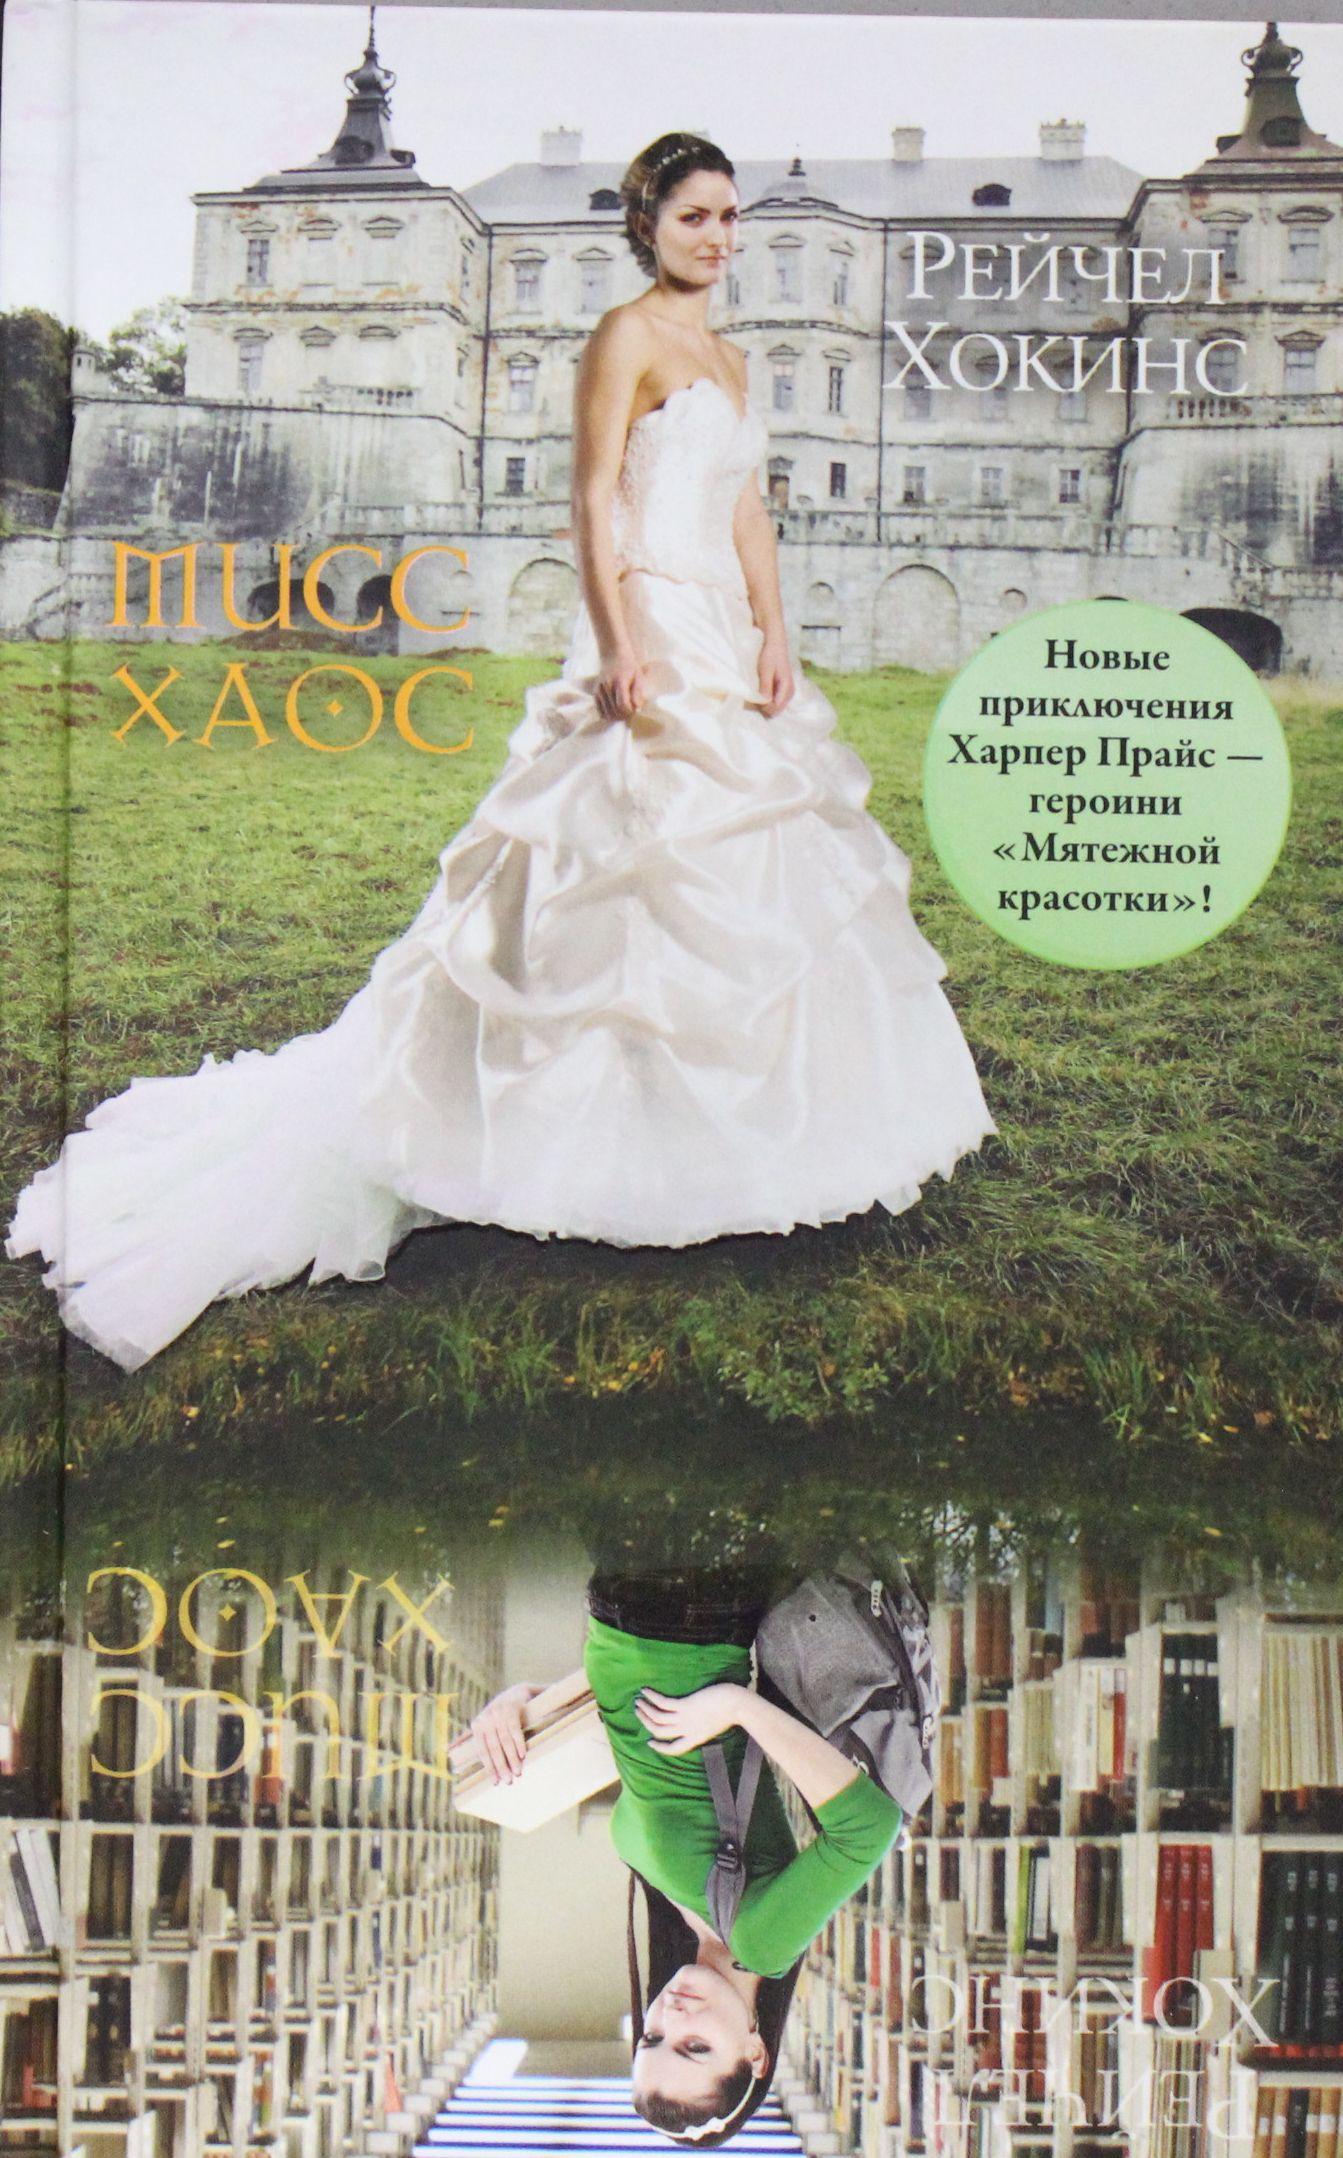 """Мисс Хаос (2-я книга """"Мятежной красотки"""")"""